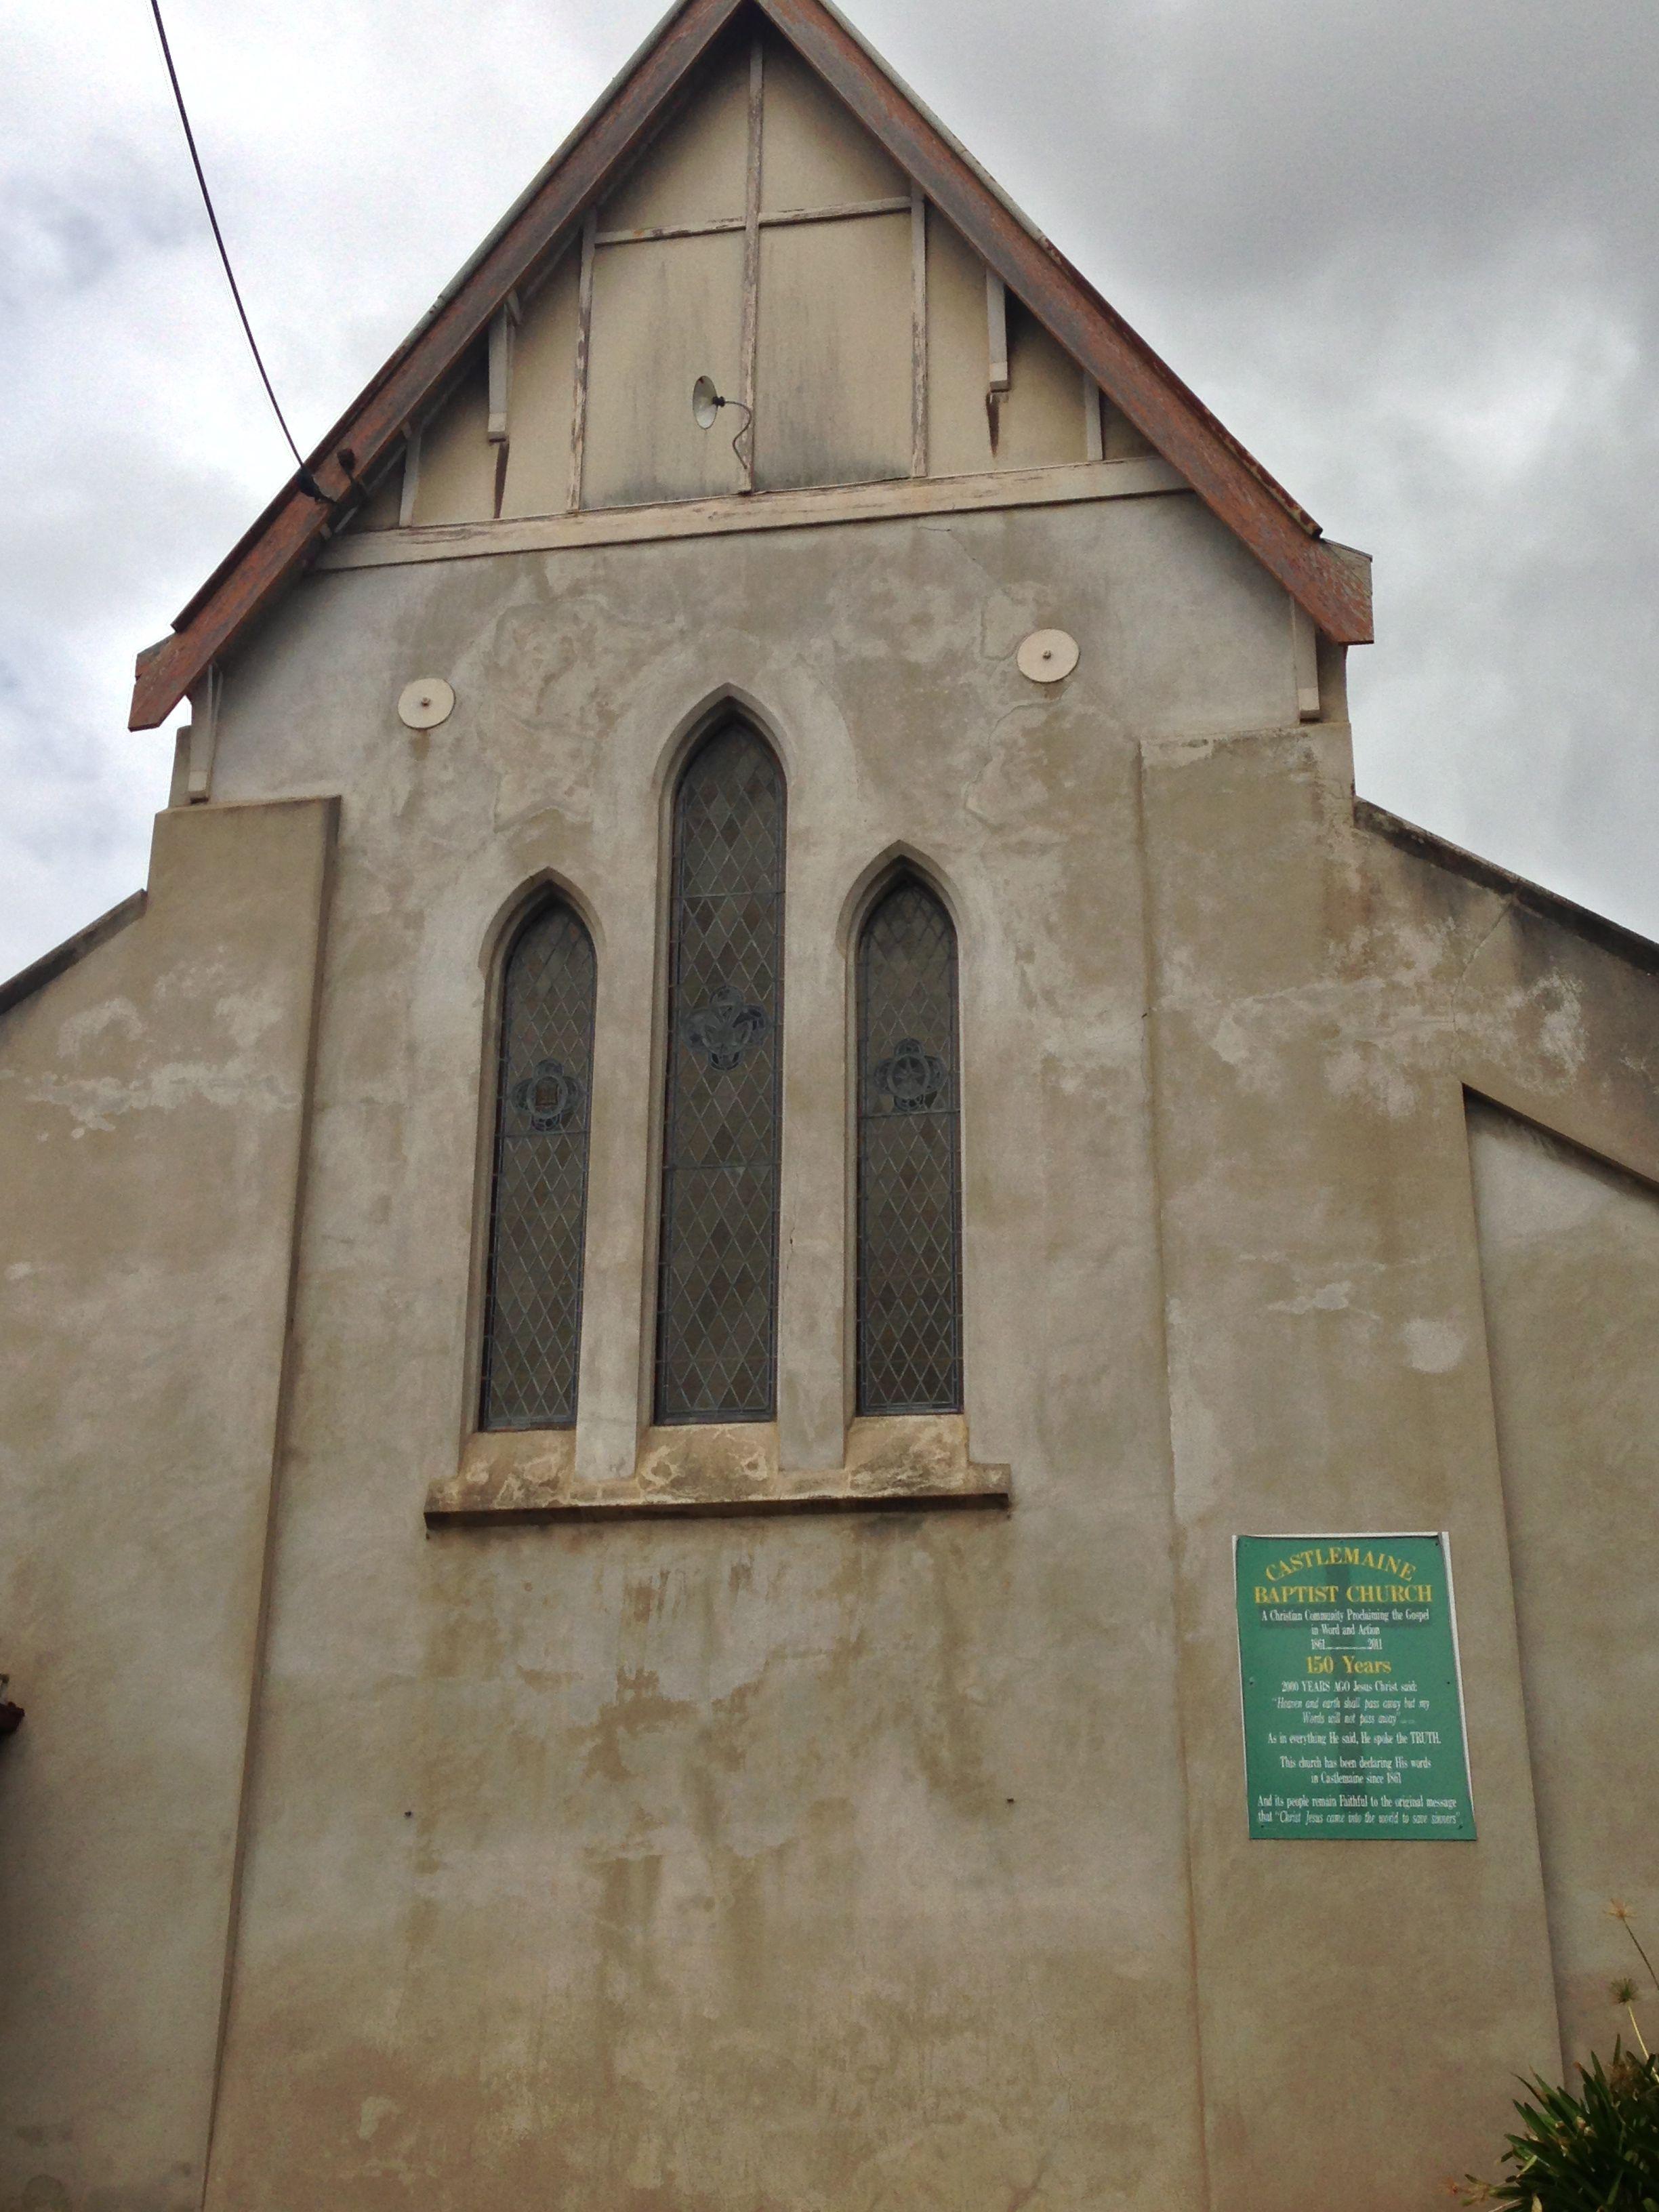 Baptist Church Castlemaine